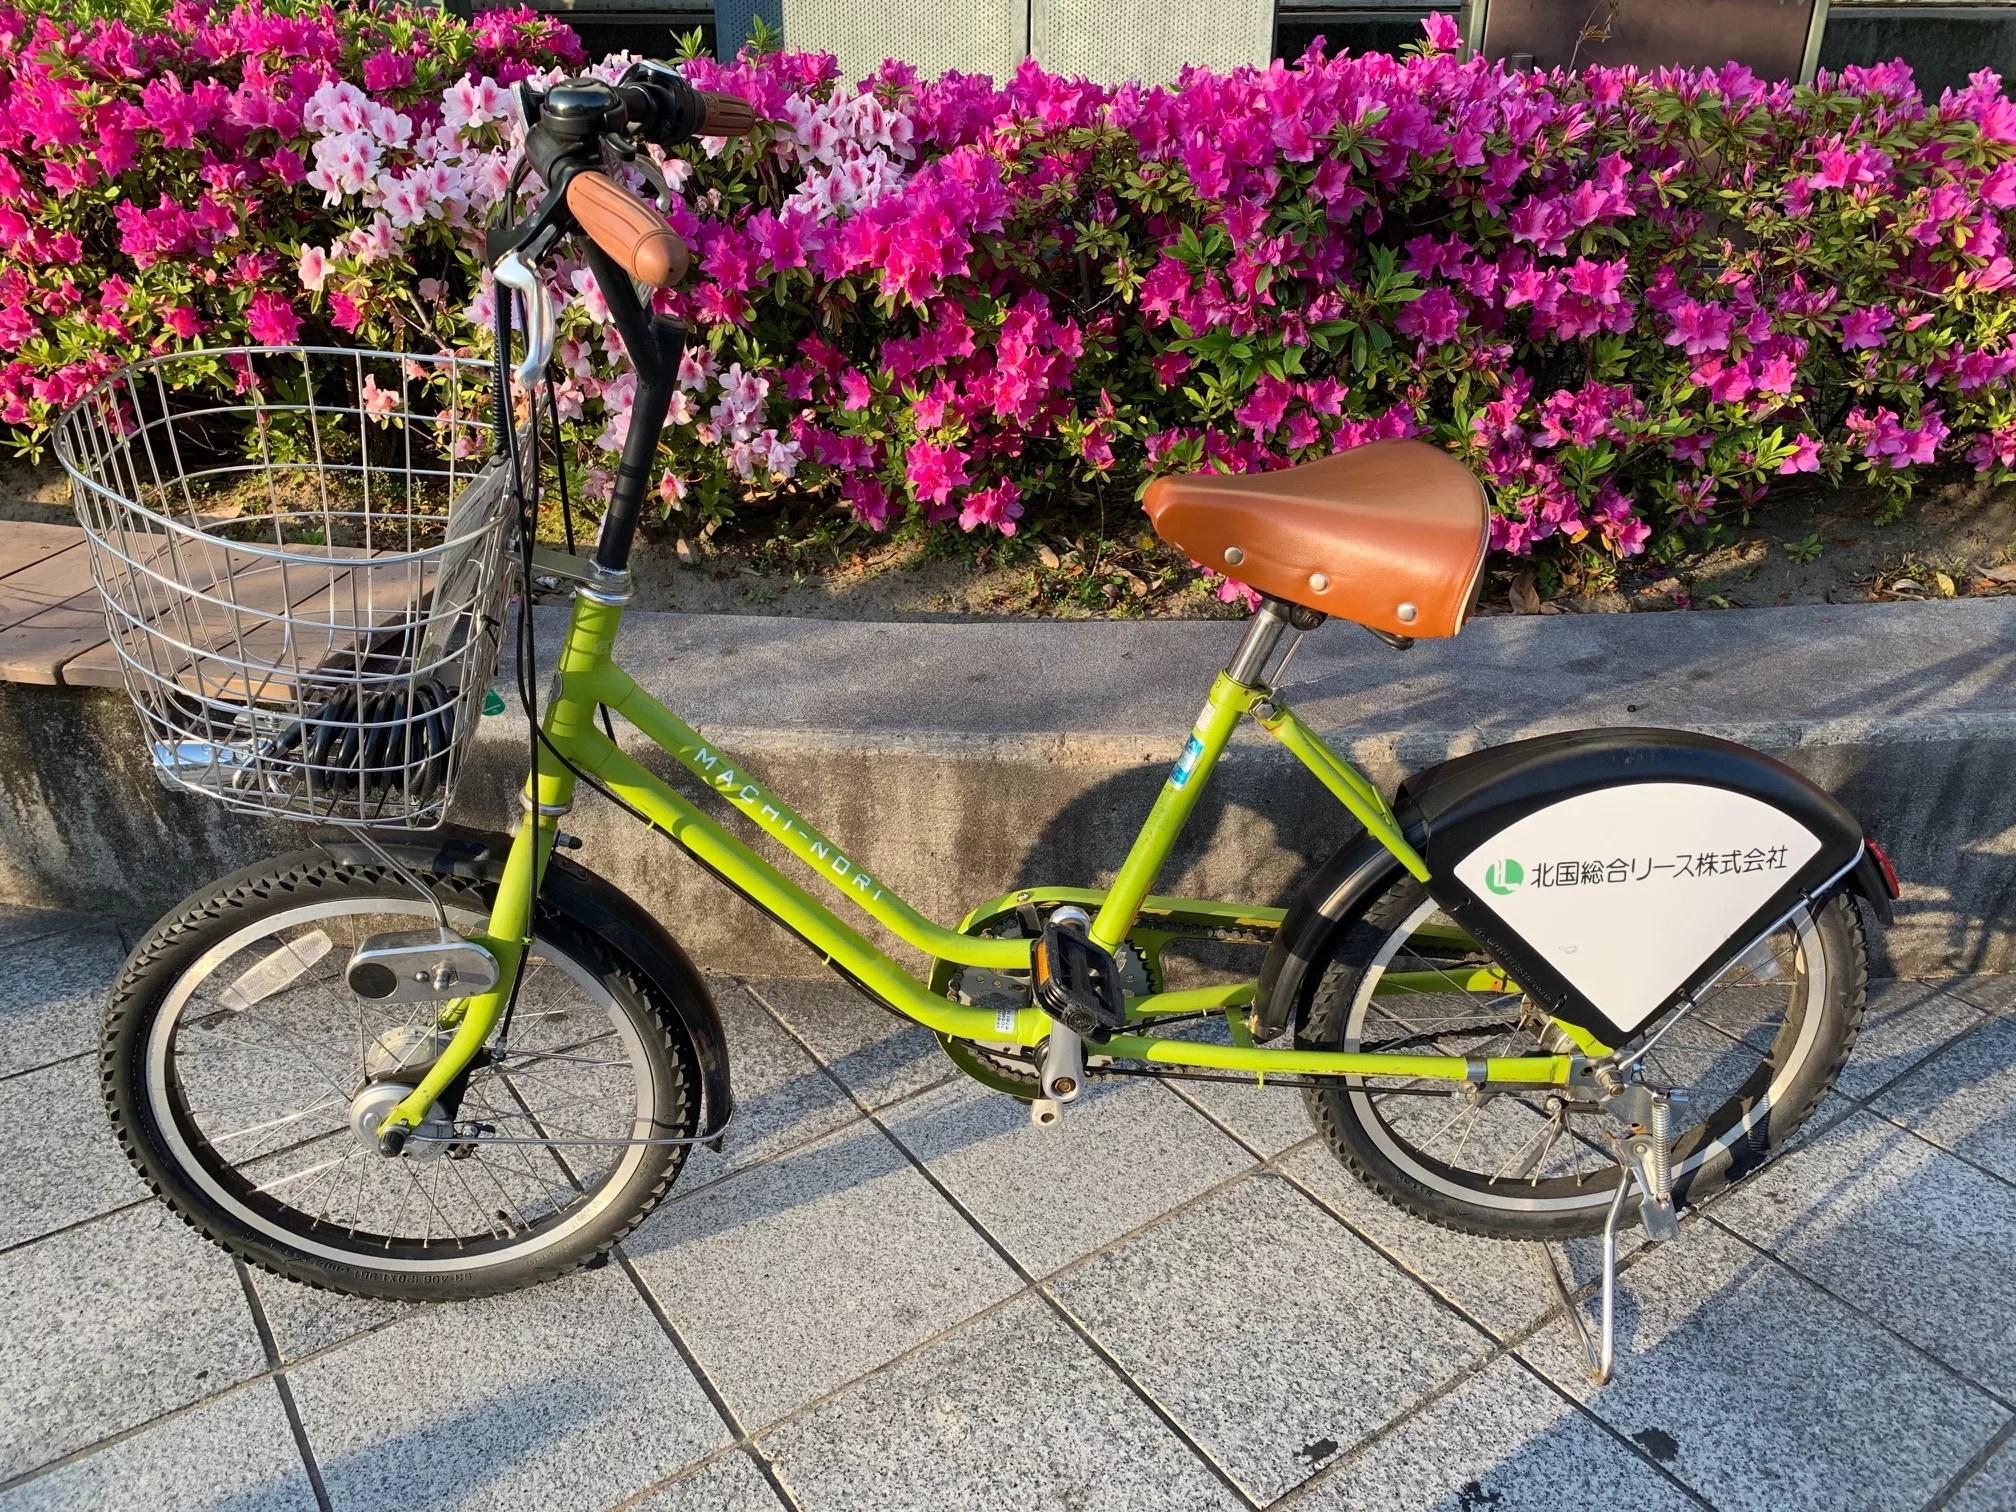 金沢観光はレンタサイクル「まちのり」がとっても便利!